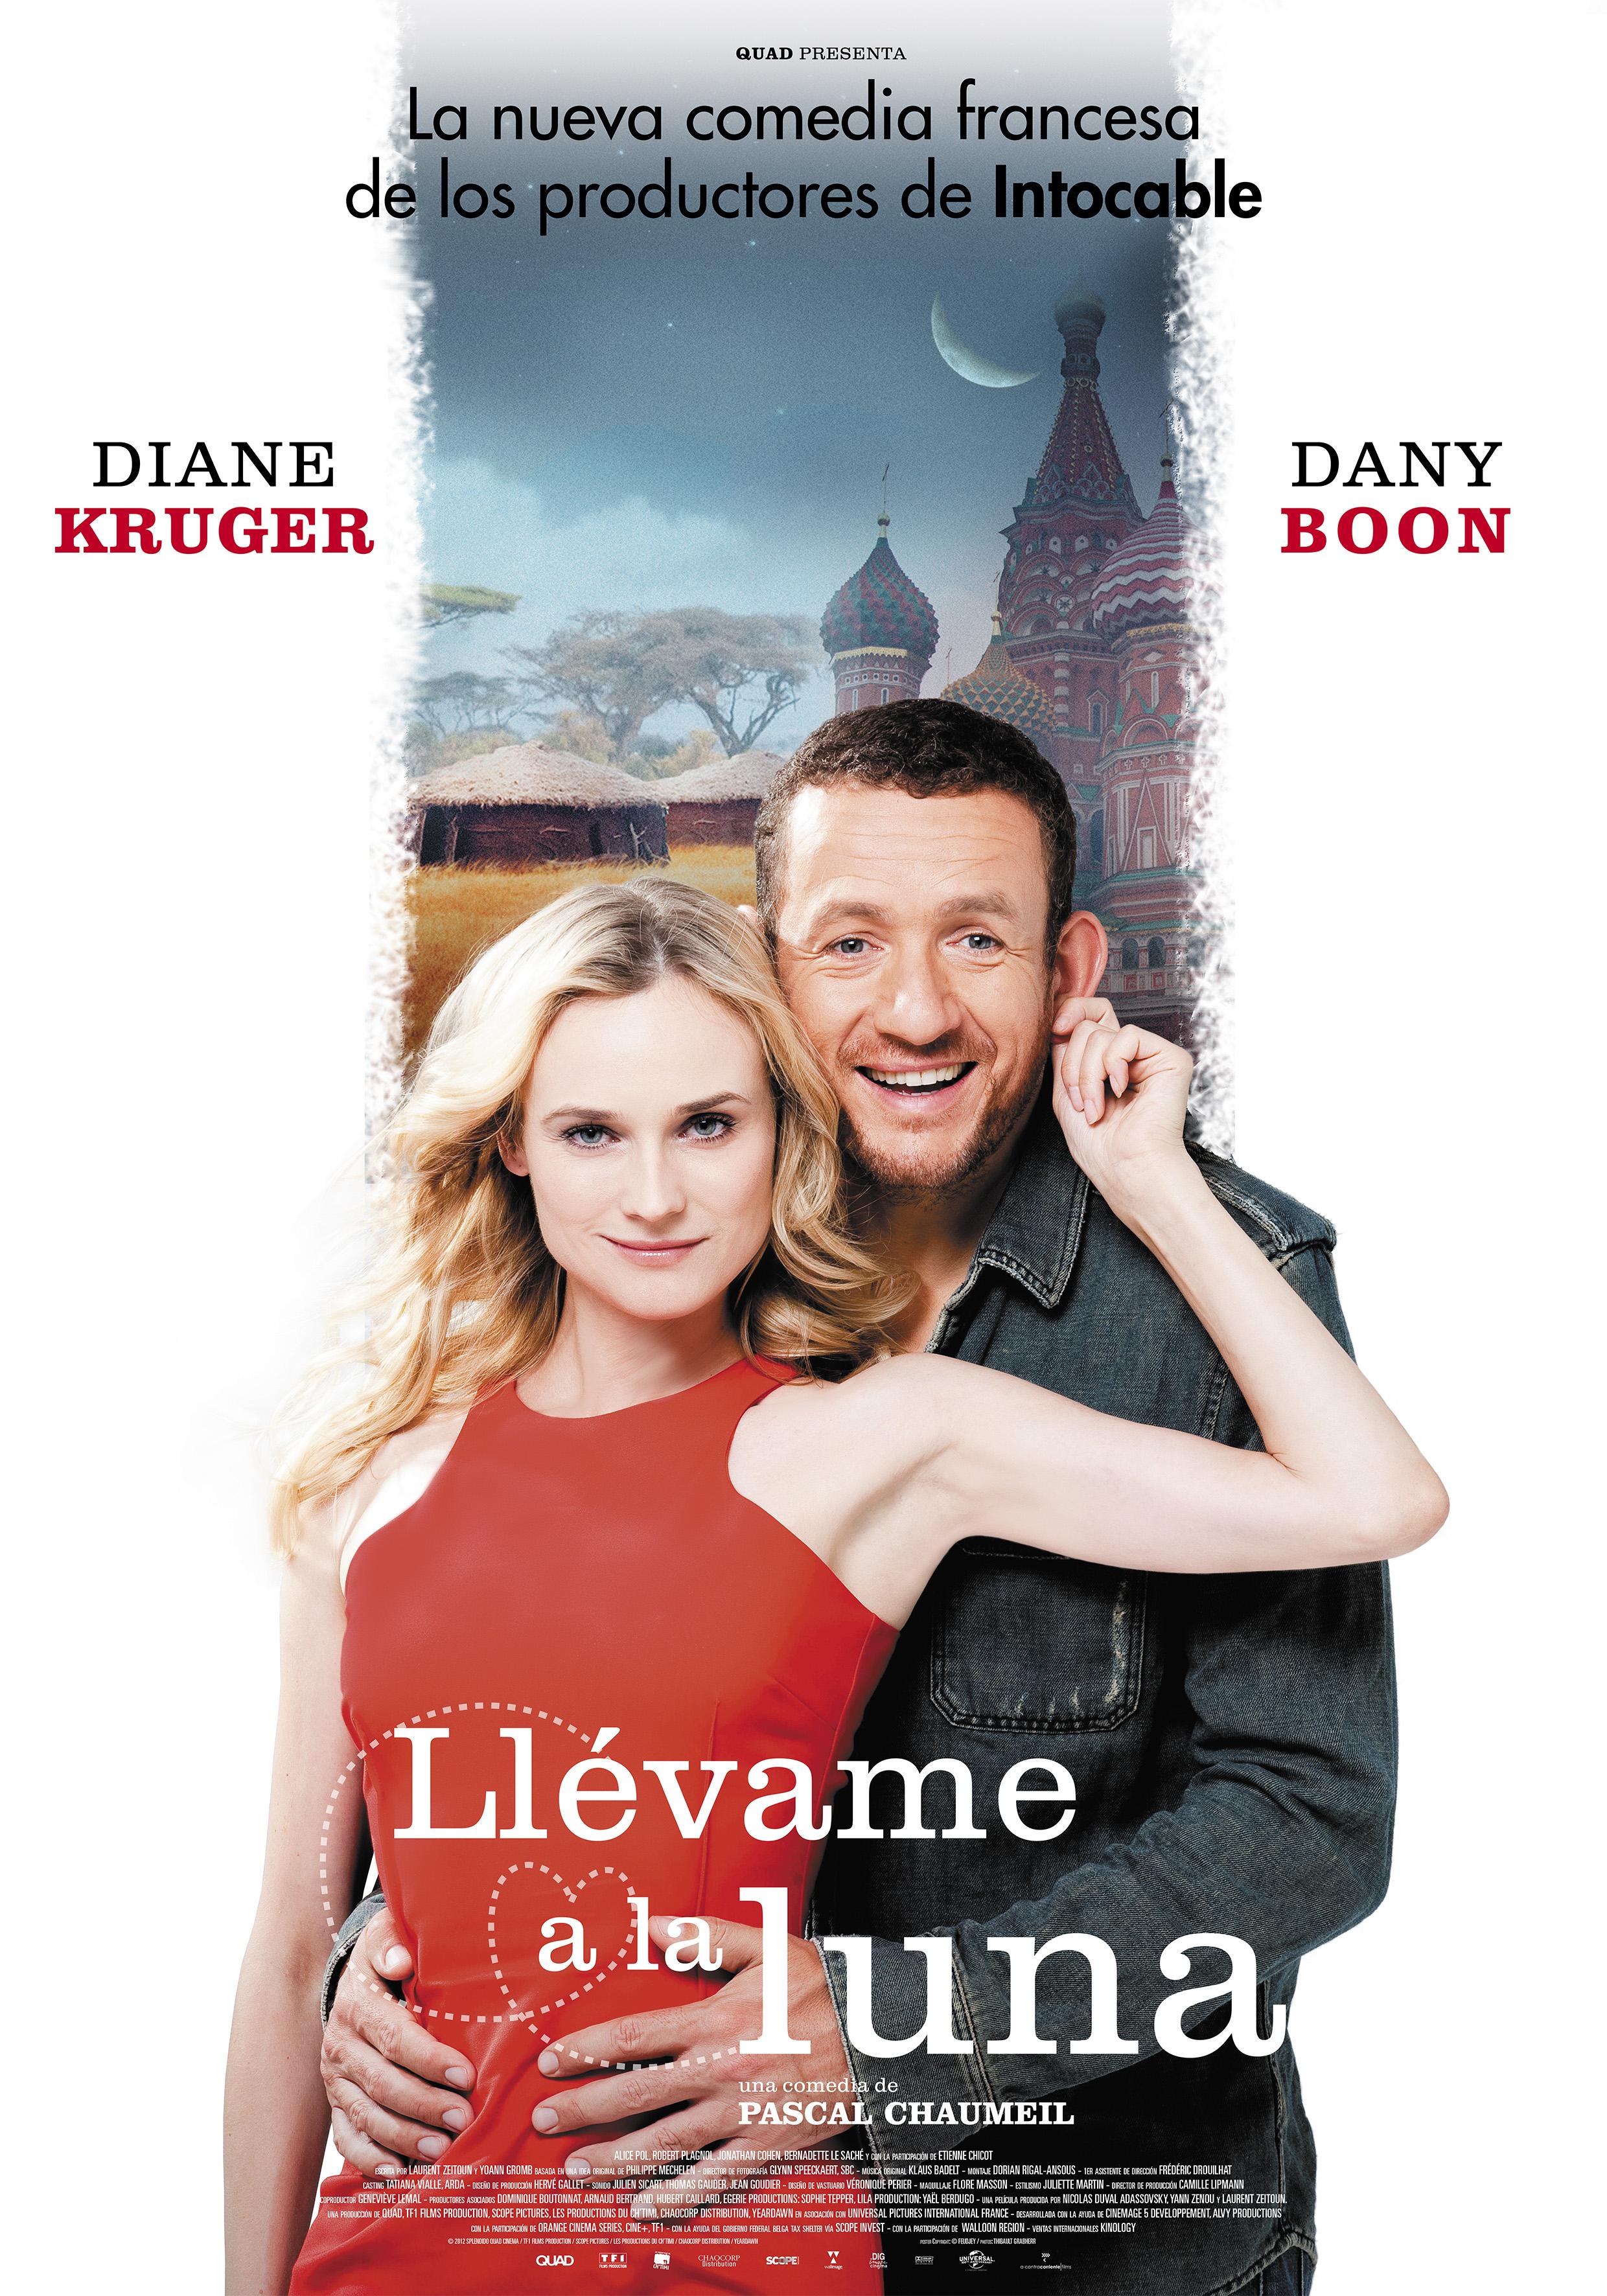 """. La nueva comedia romántica de los productores de """"Intocable"""" está protagonizada por Diane Krugery Dany Boon A contracorriente films estrenará Llévame a la Luna, la nueva comedia romántica de […]"""